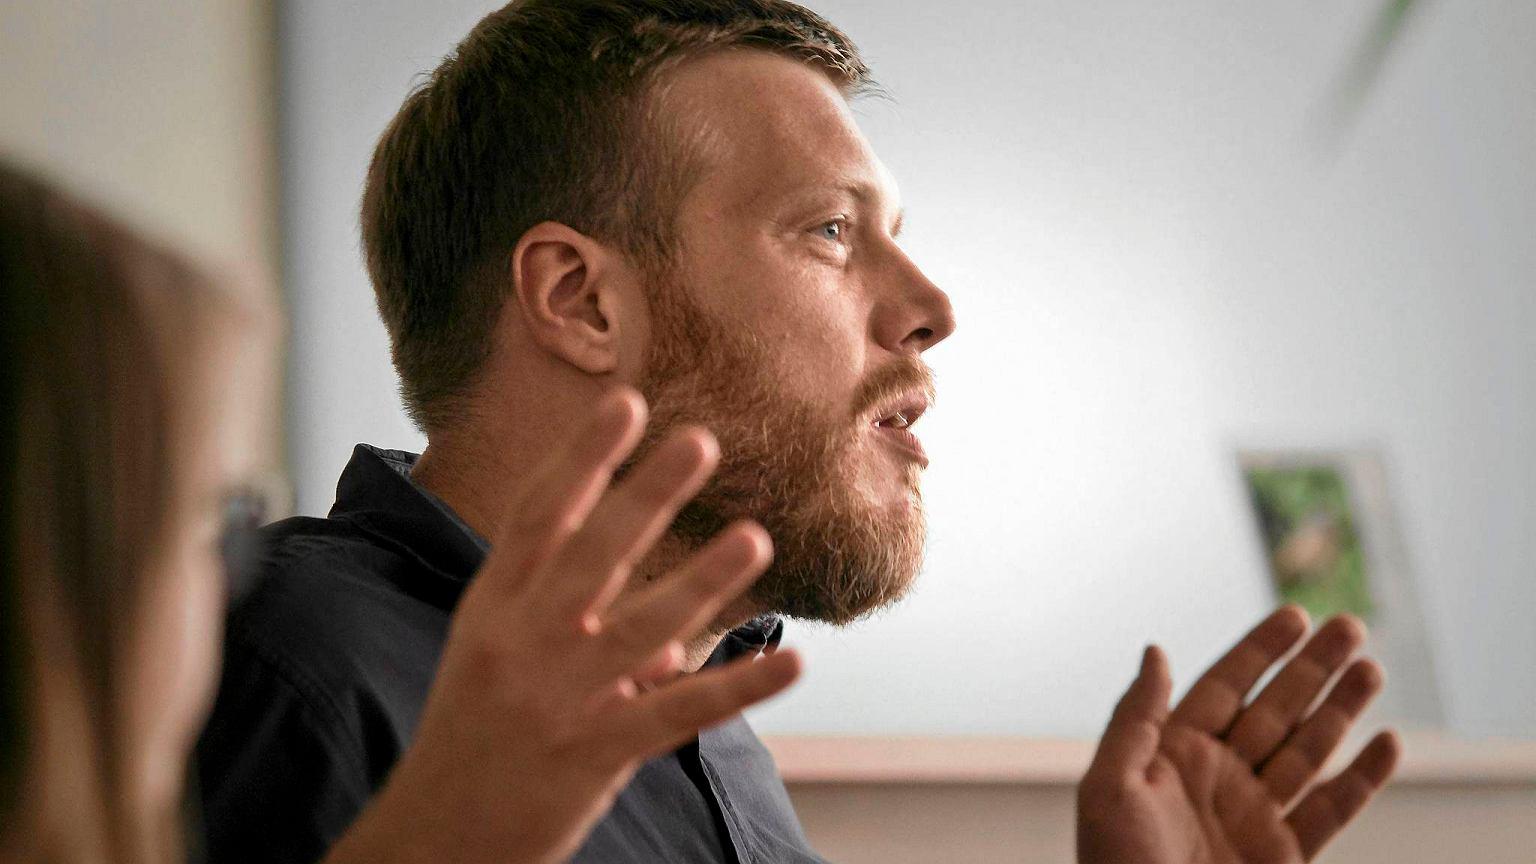 Zandberg: 'Przez cae lata PiS umiecha si do rodowisk, ktre chciay reprywatyzowa majtki'